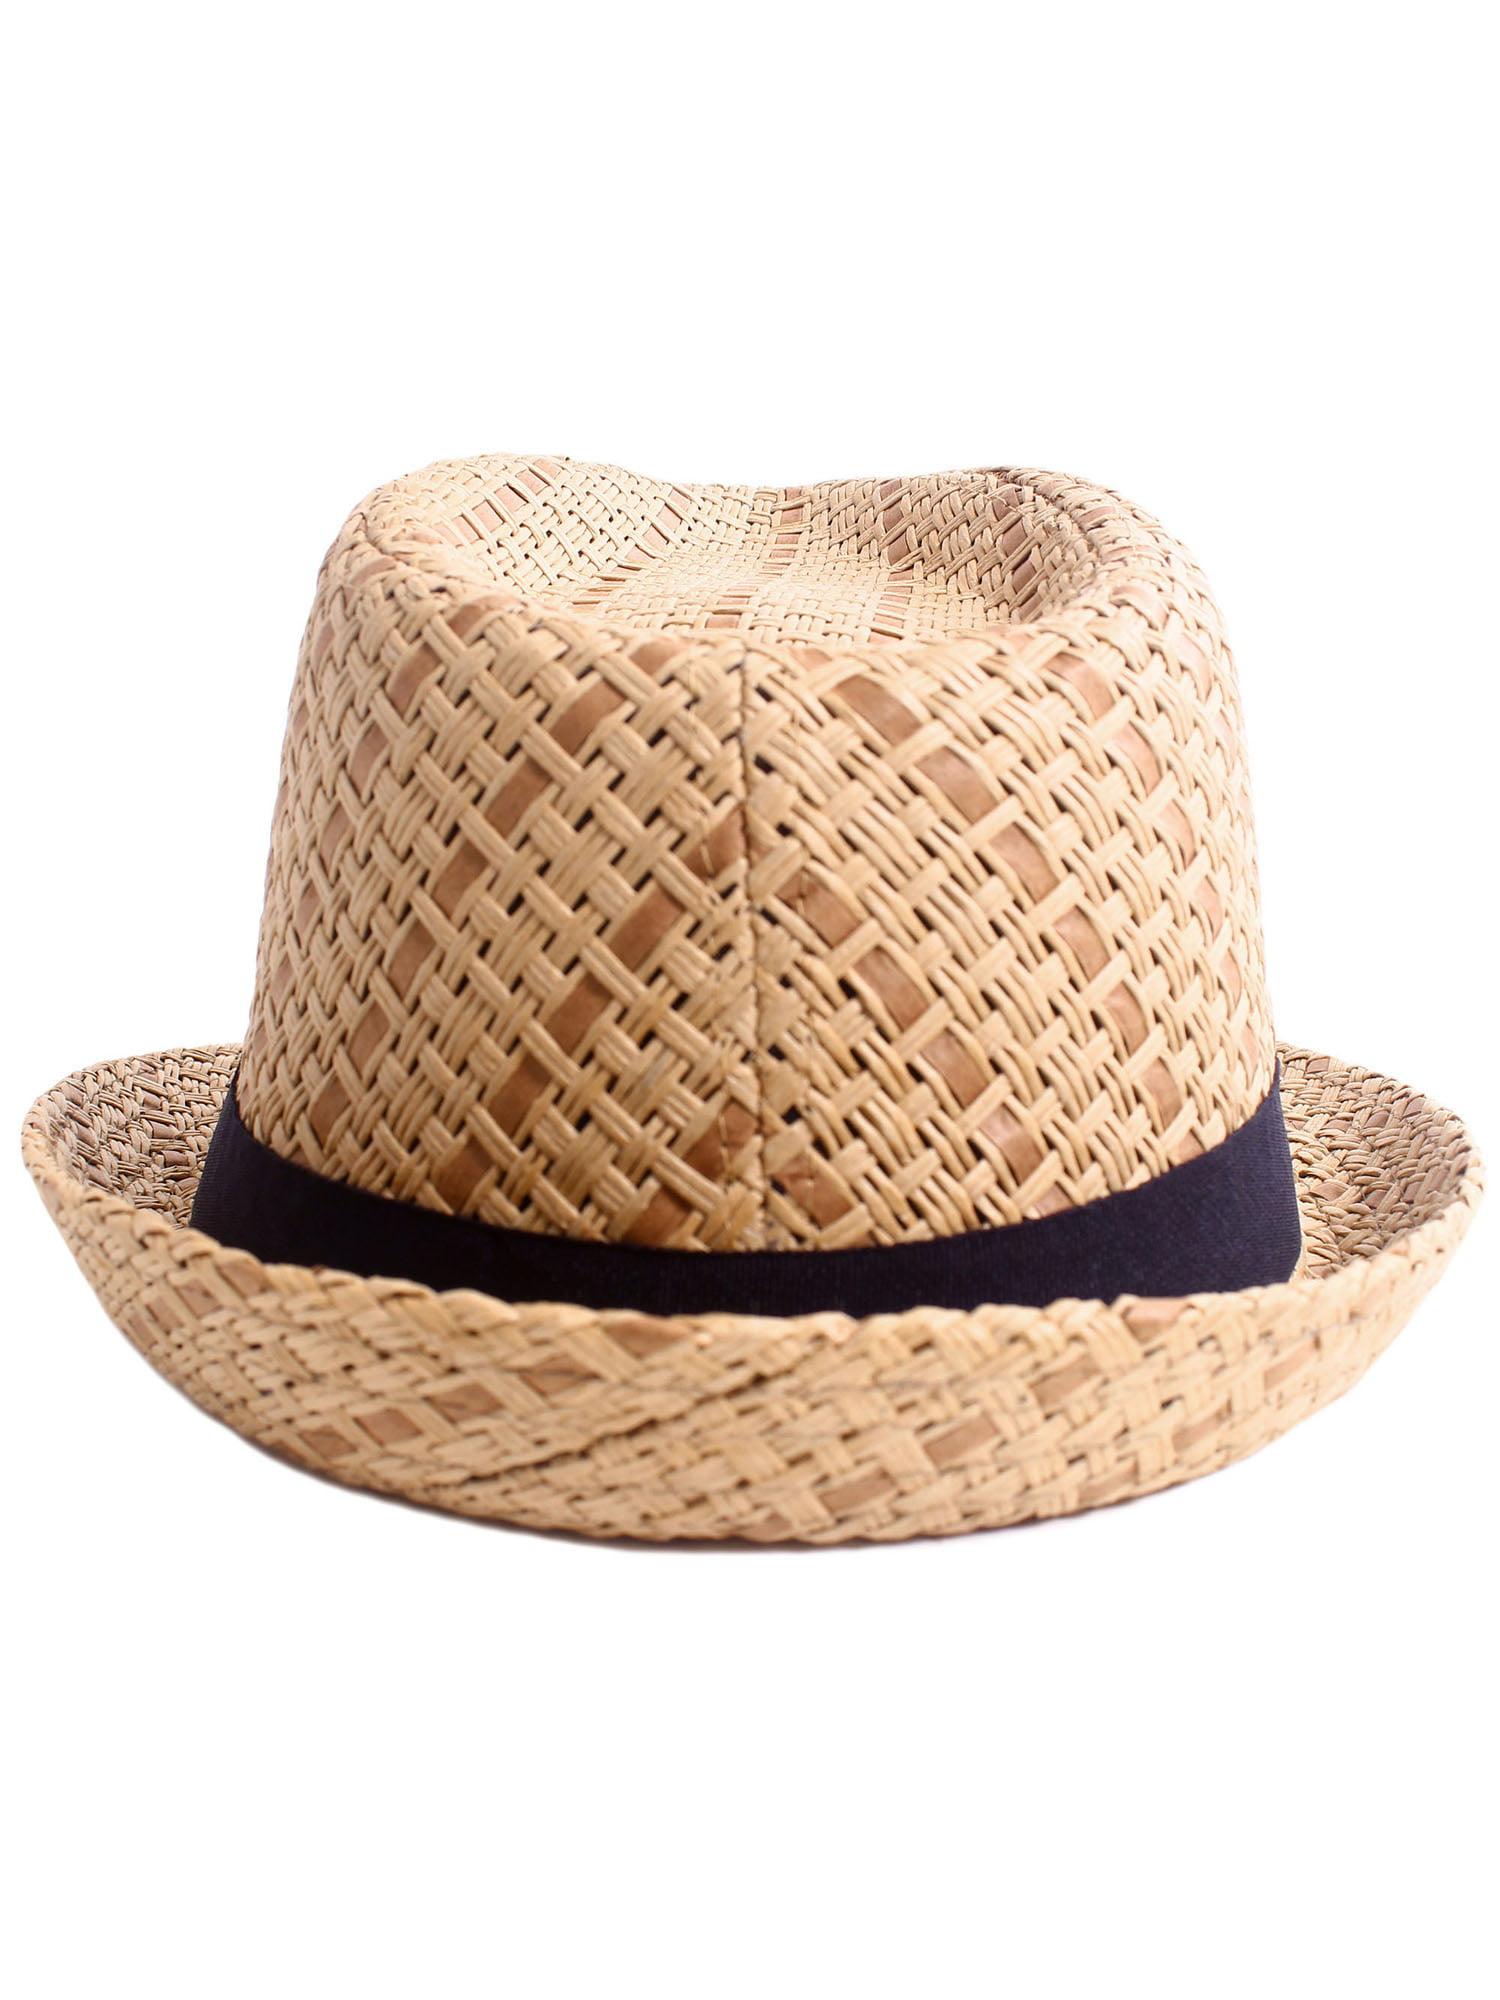 Simplicity - Men   Women s Summer Vintage Straw Fedora Hat 745 Brown Small  Medium - Walmart.com 1d7333a0d12a